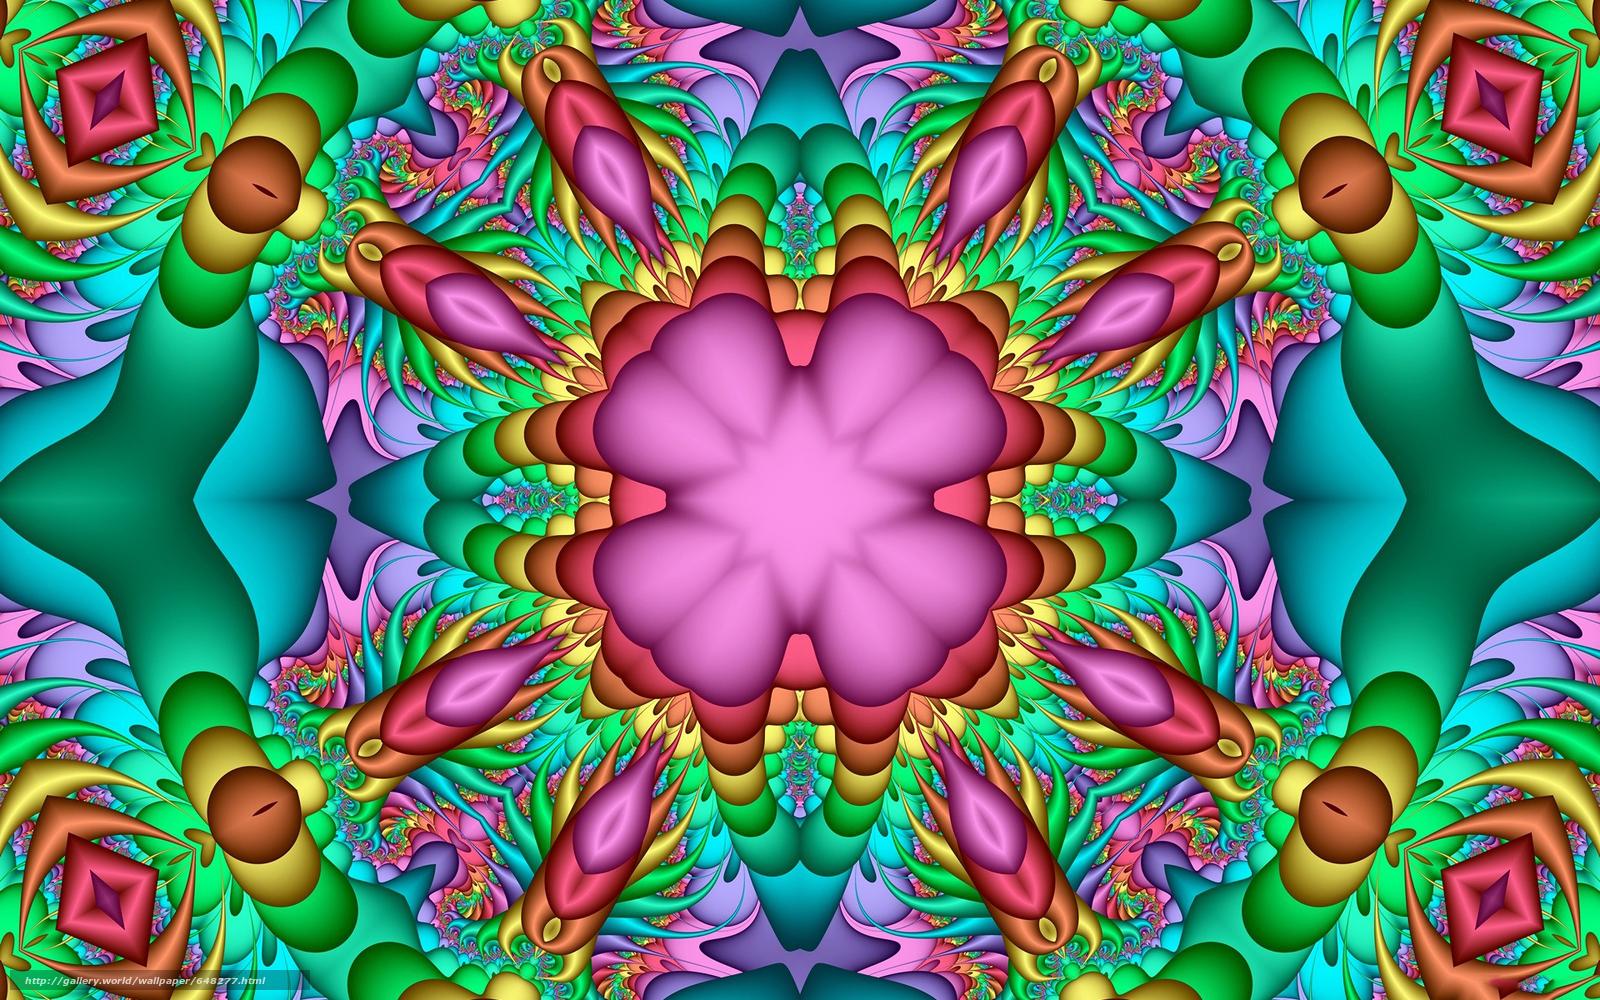 Скачать обои симметрия,  геометрия,  узор,  абстракция бесплатно для рабочего стола в разрешении 1920x1200 — картинка №648277